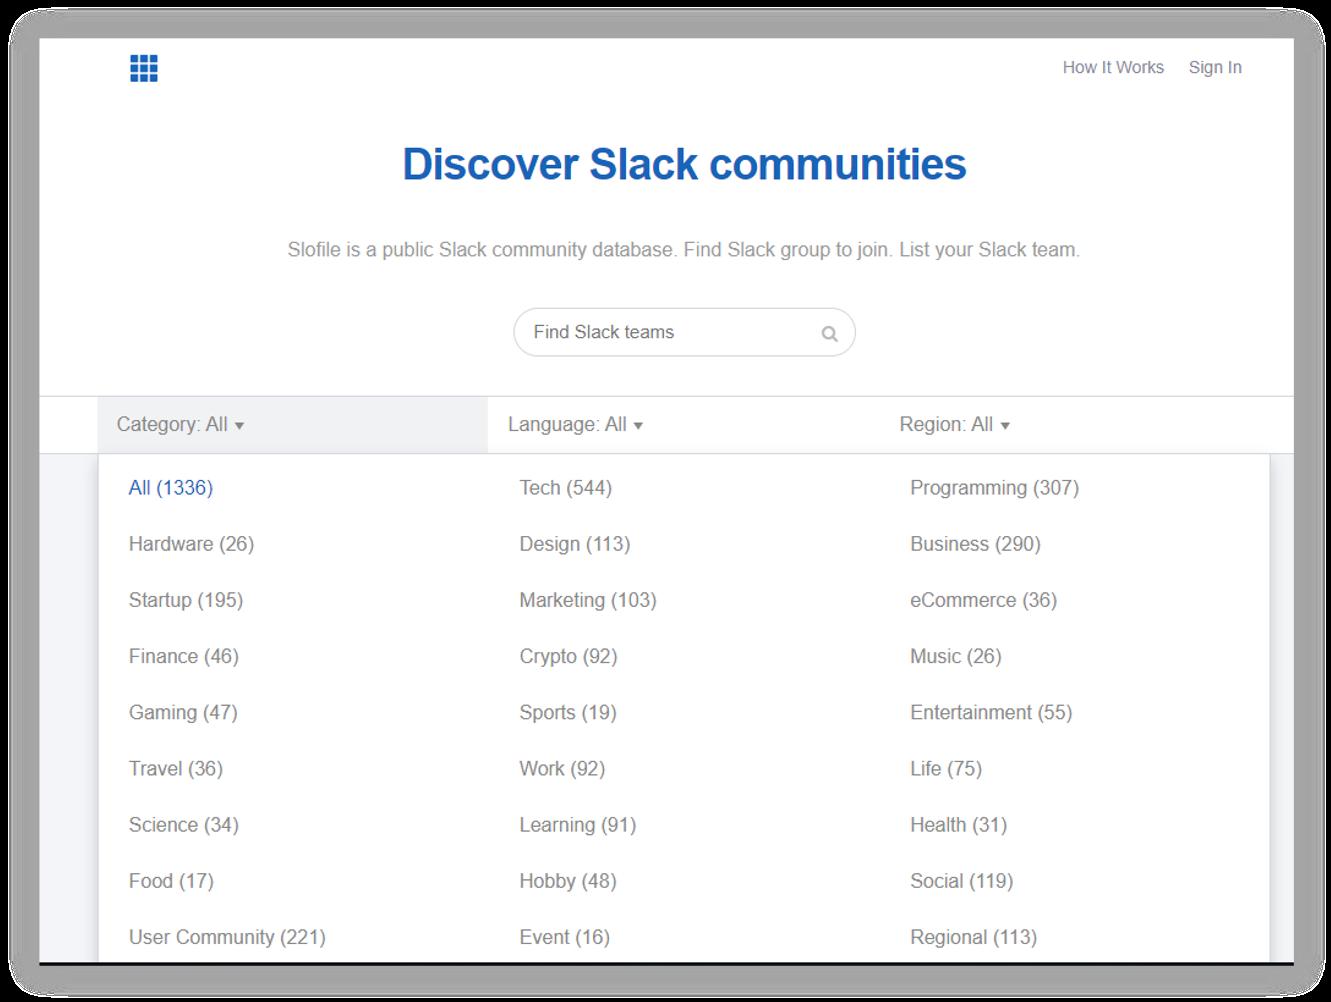 find-et-sdlack-community